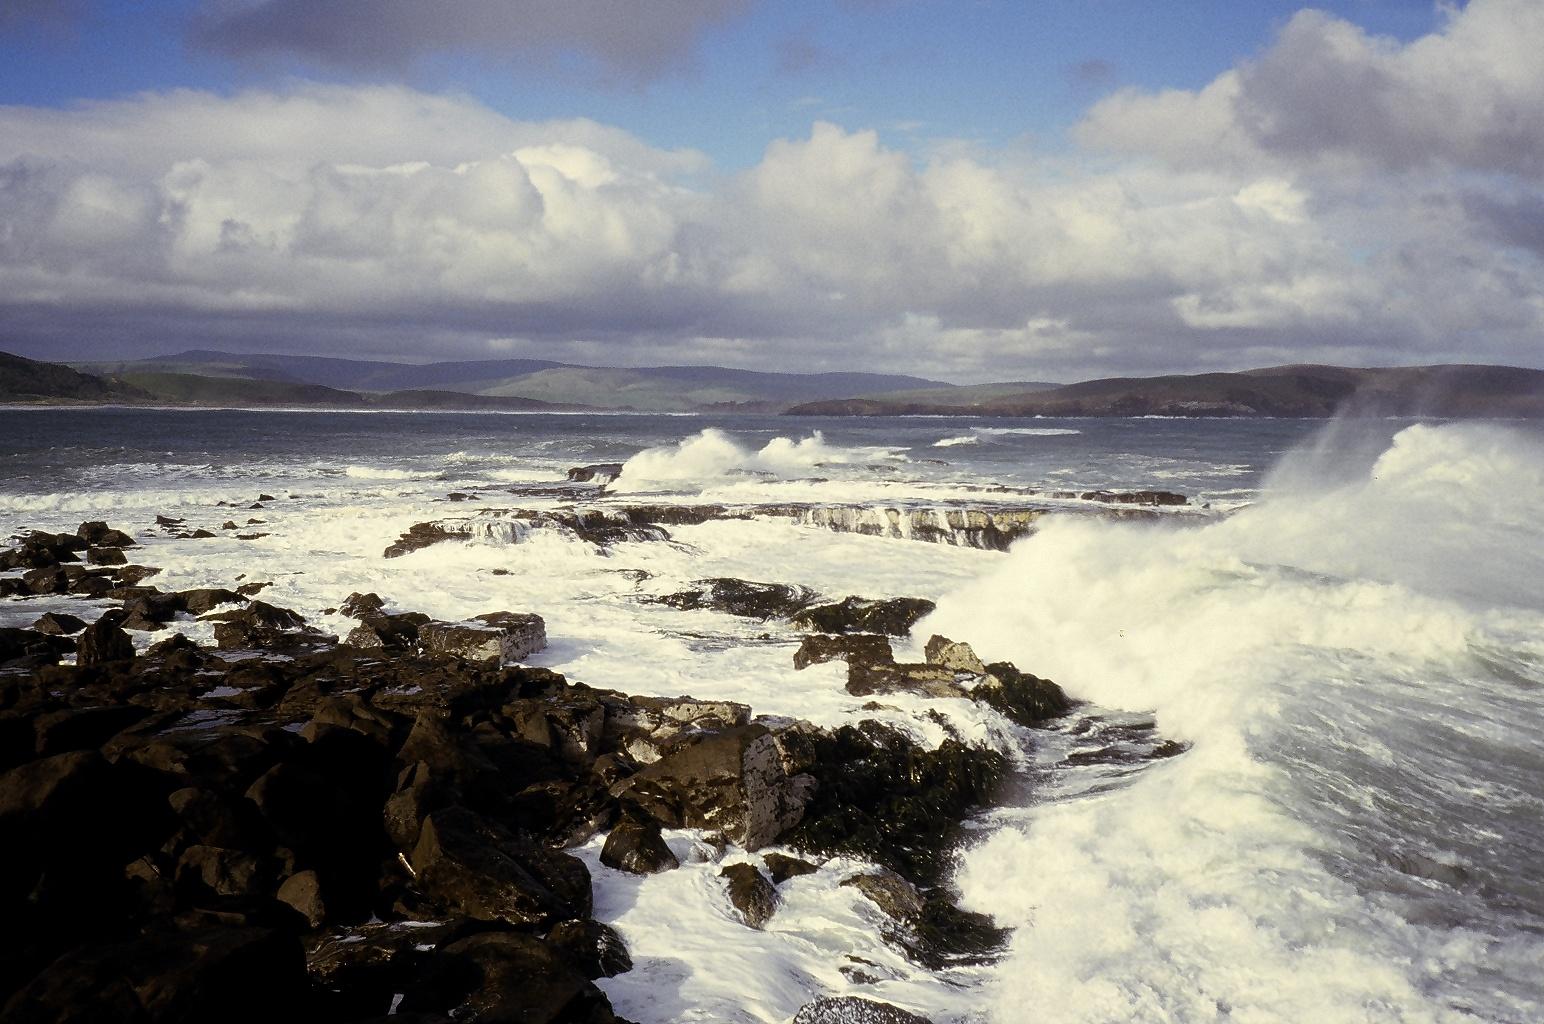 The wild coastline at Curio Bay